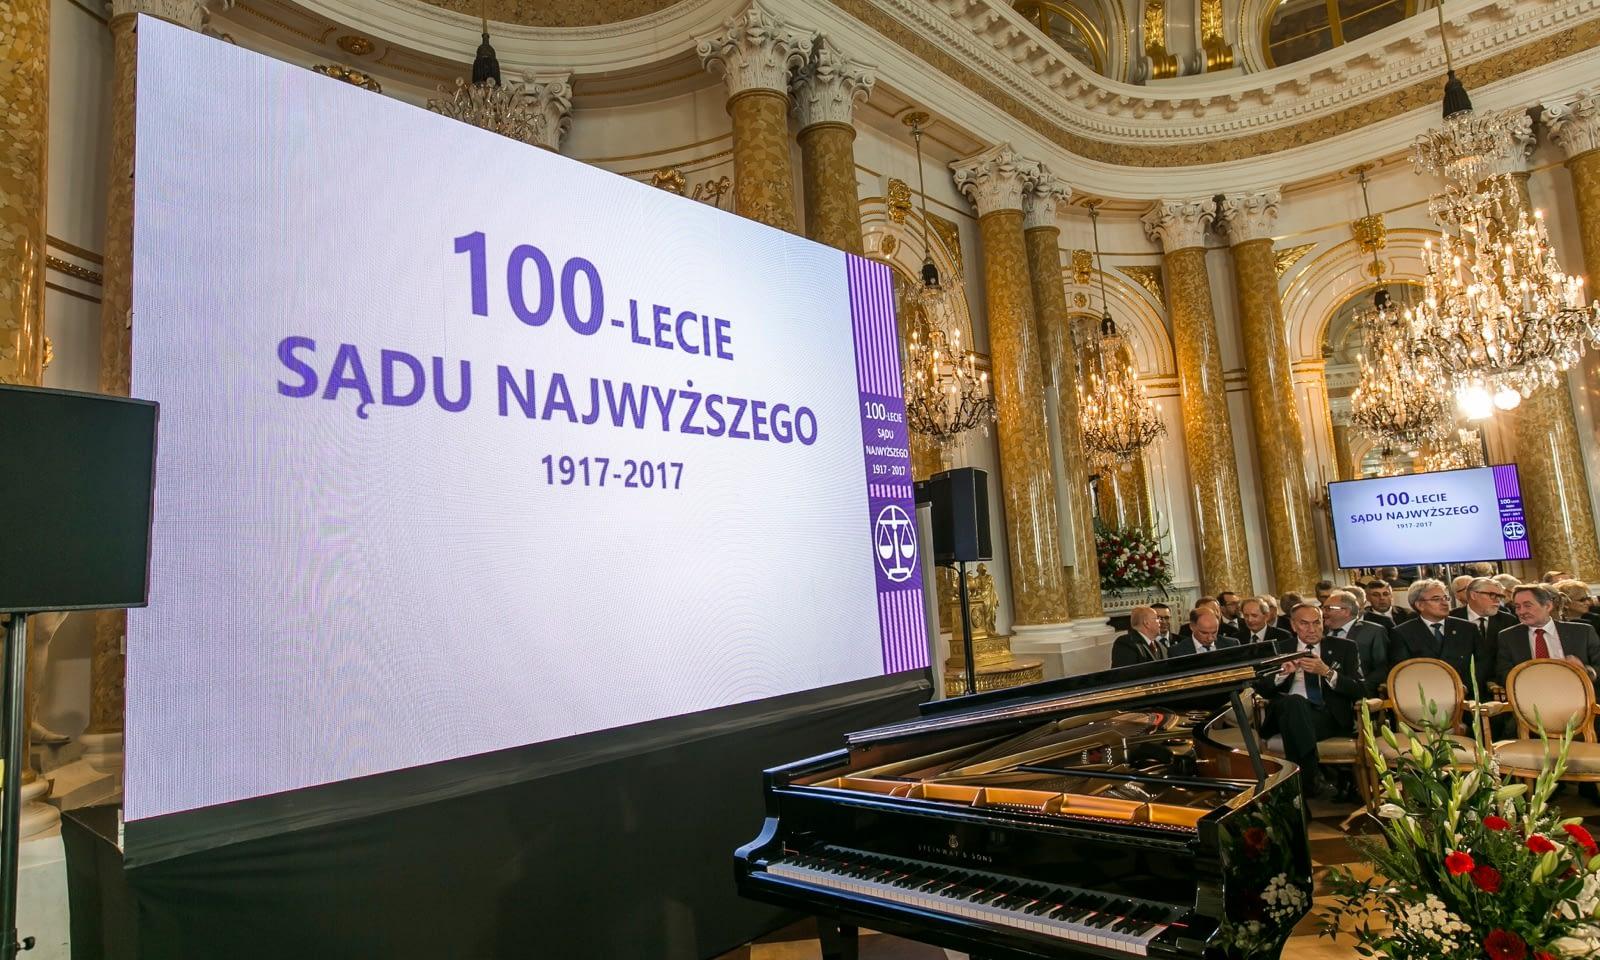 100-lecie Sądu Najwyższego na Zamku Królewskim